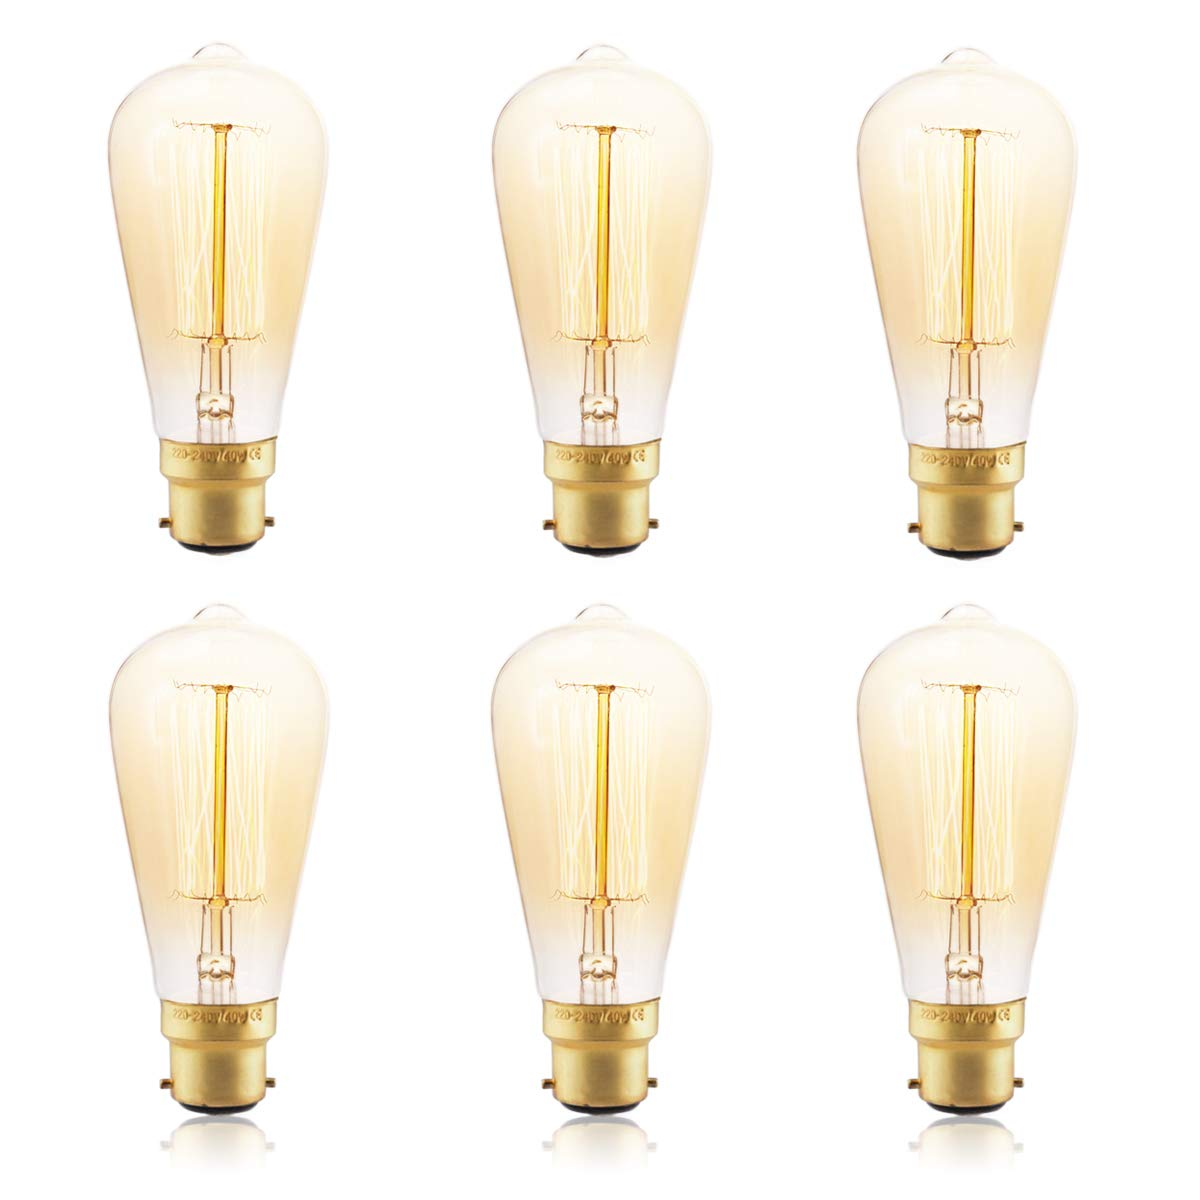 lampadine Dimmerabile 2600 2700K Vite Bulbo a gabbia di scoiattolo ST64 Lampadine a filamento decorativo 40W Lampada Vintage B22 lampadina bar stile industriale luce retr/ò Lampadine ST64 6 Pezzi